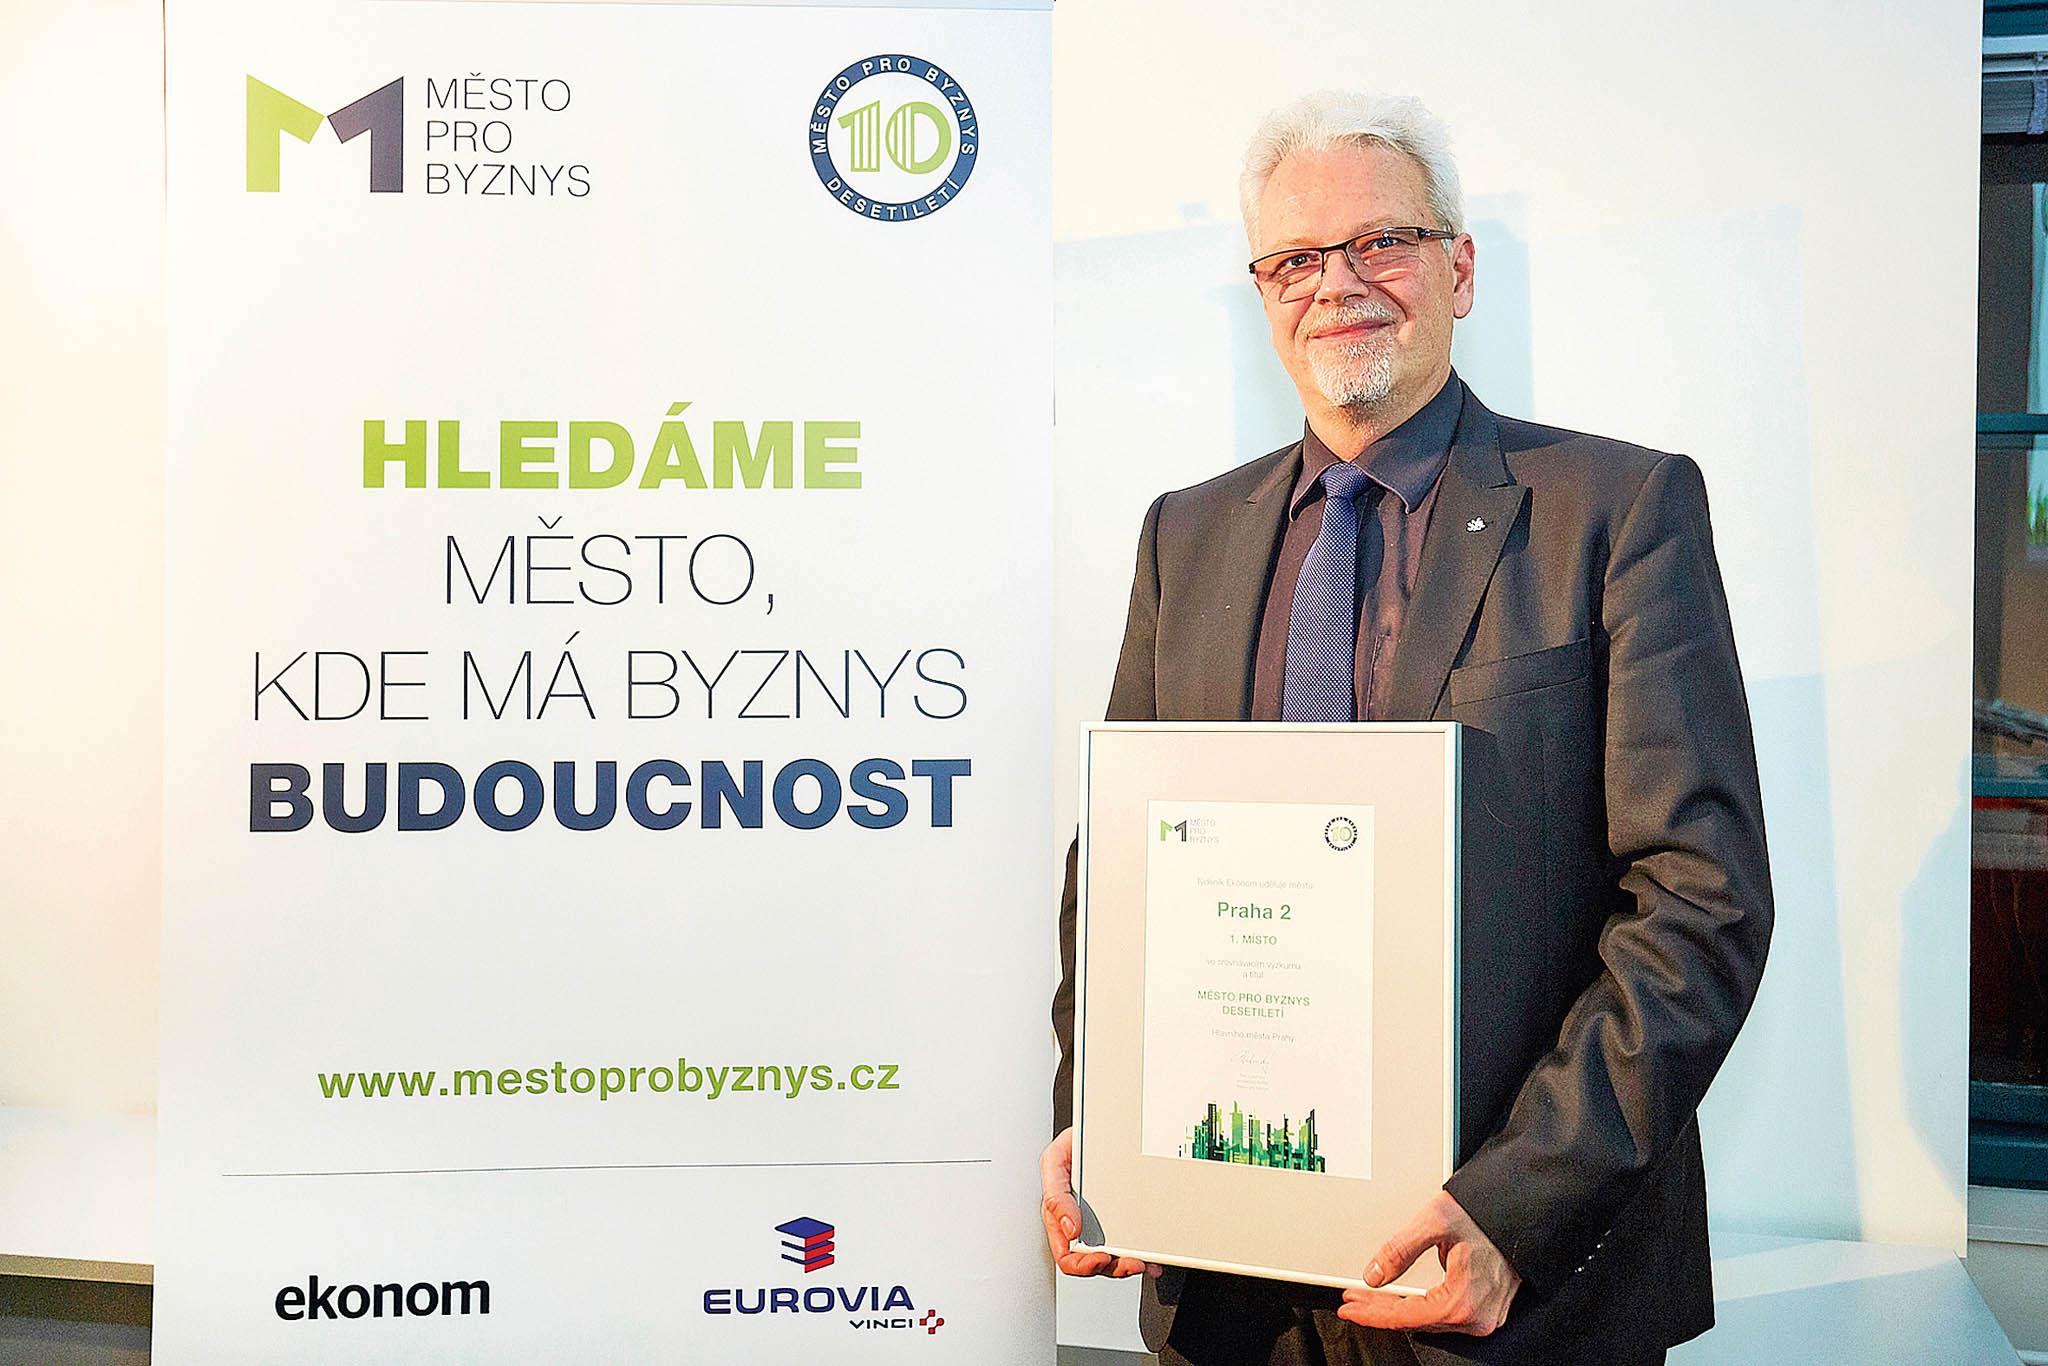 Tajemník vítězné městské části Praha 2Michal Kopeckýsi pochvaloval mimo jiné ispolupráci spodnikateli.